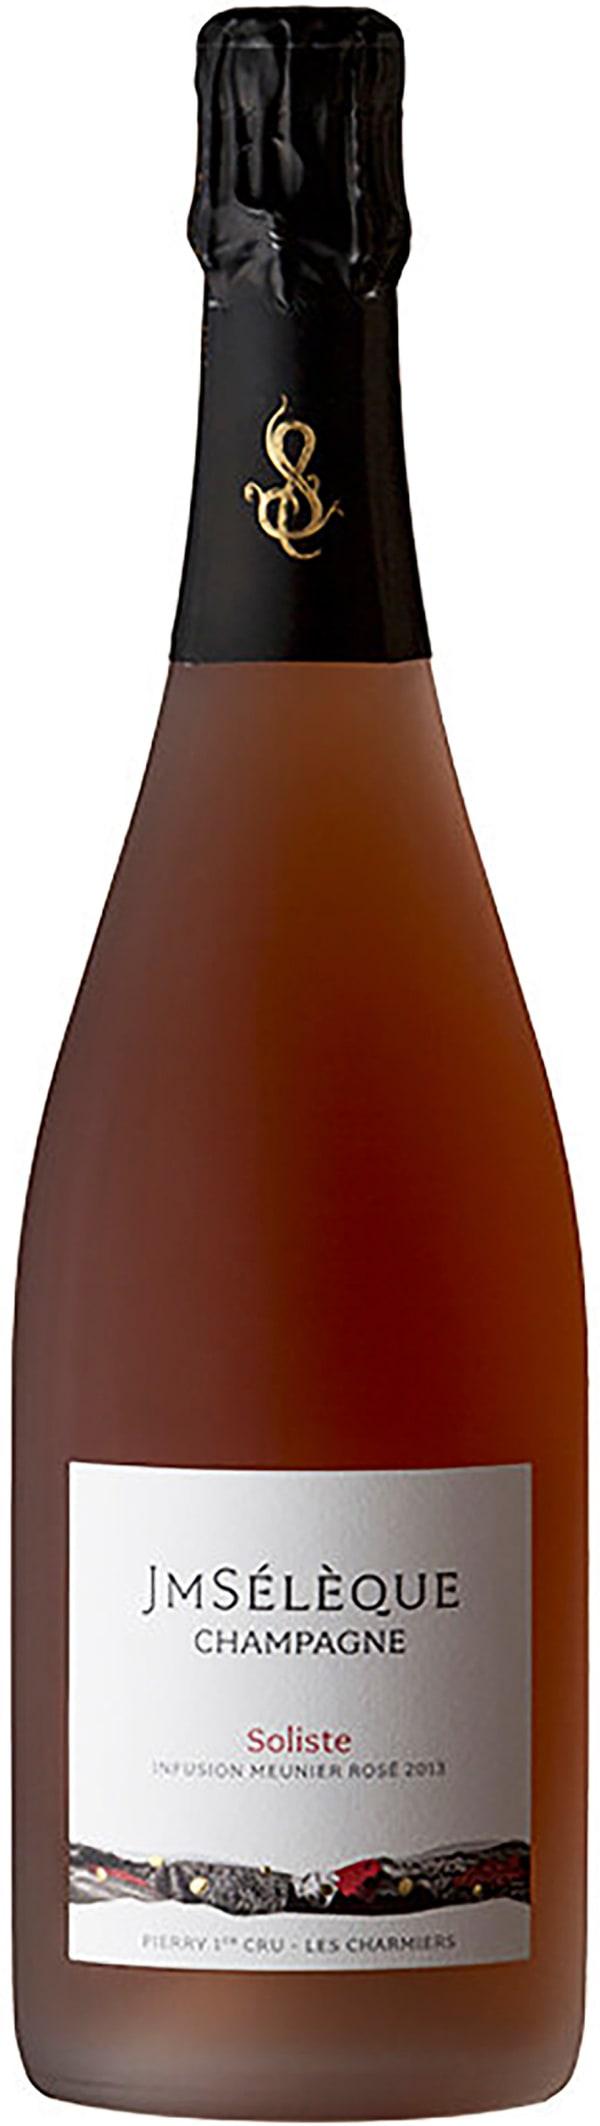 J-M Sélèque Soliste Infusion Meunier Champagne Rosé Extra Brut